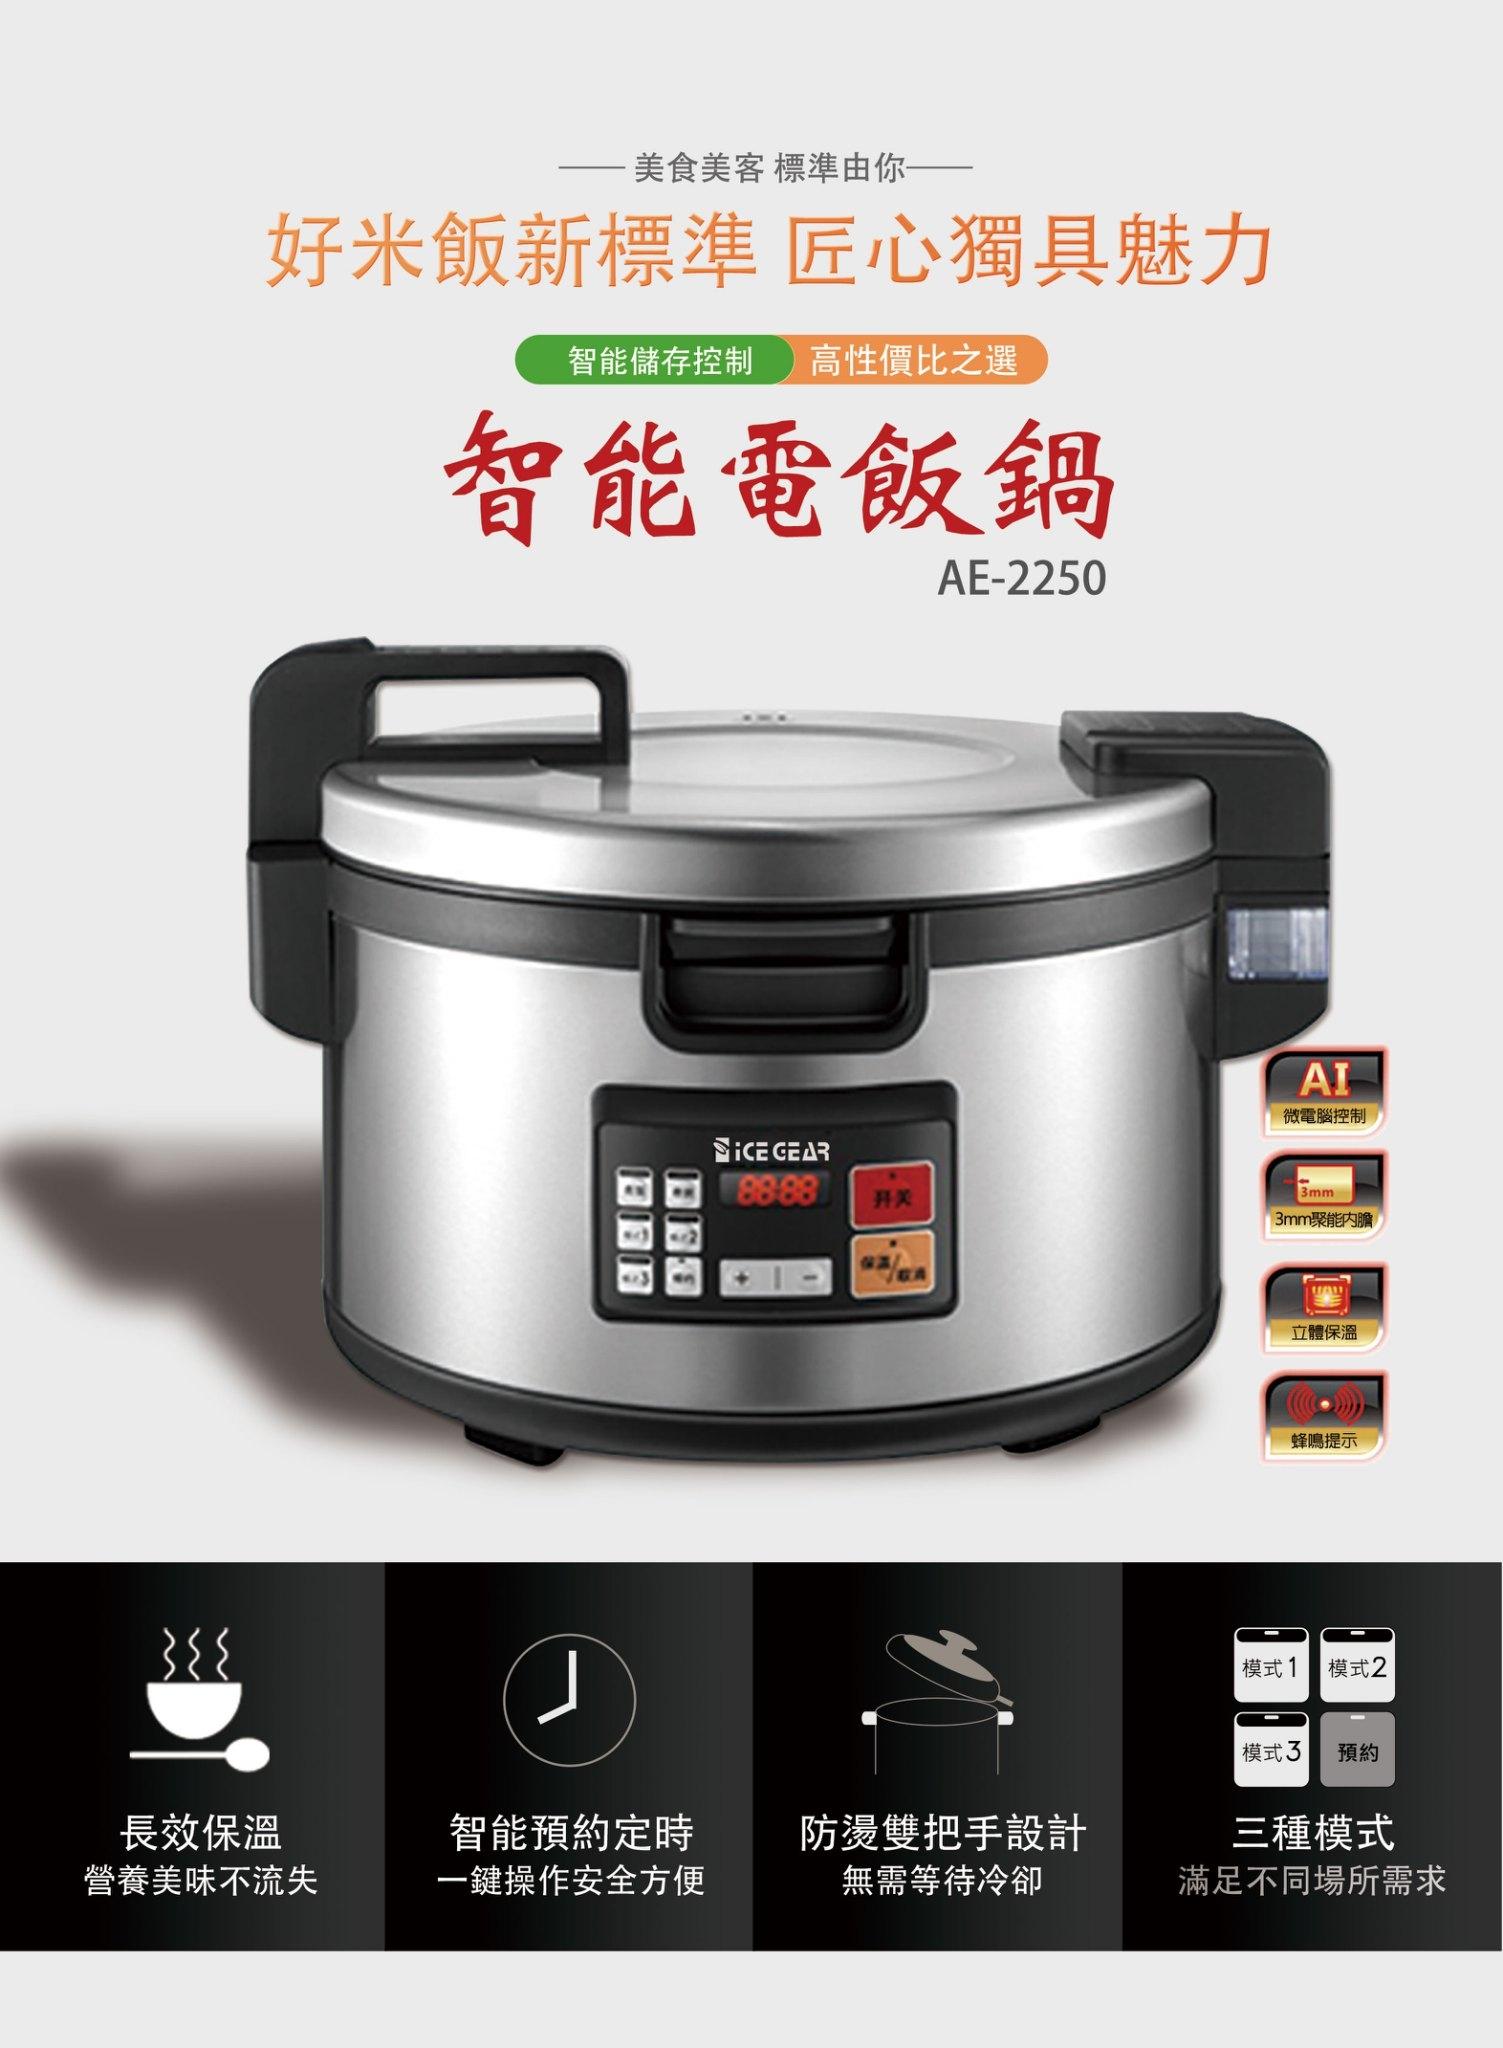 【AE-2250】50人份智能電飯鍋-智能控製/長效保溫/預約定時/高強度內膽